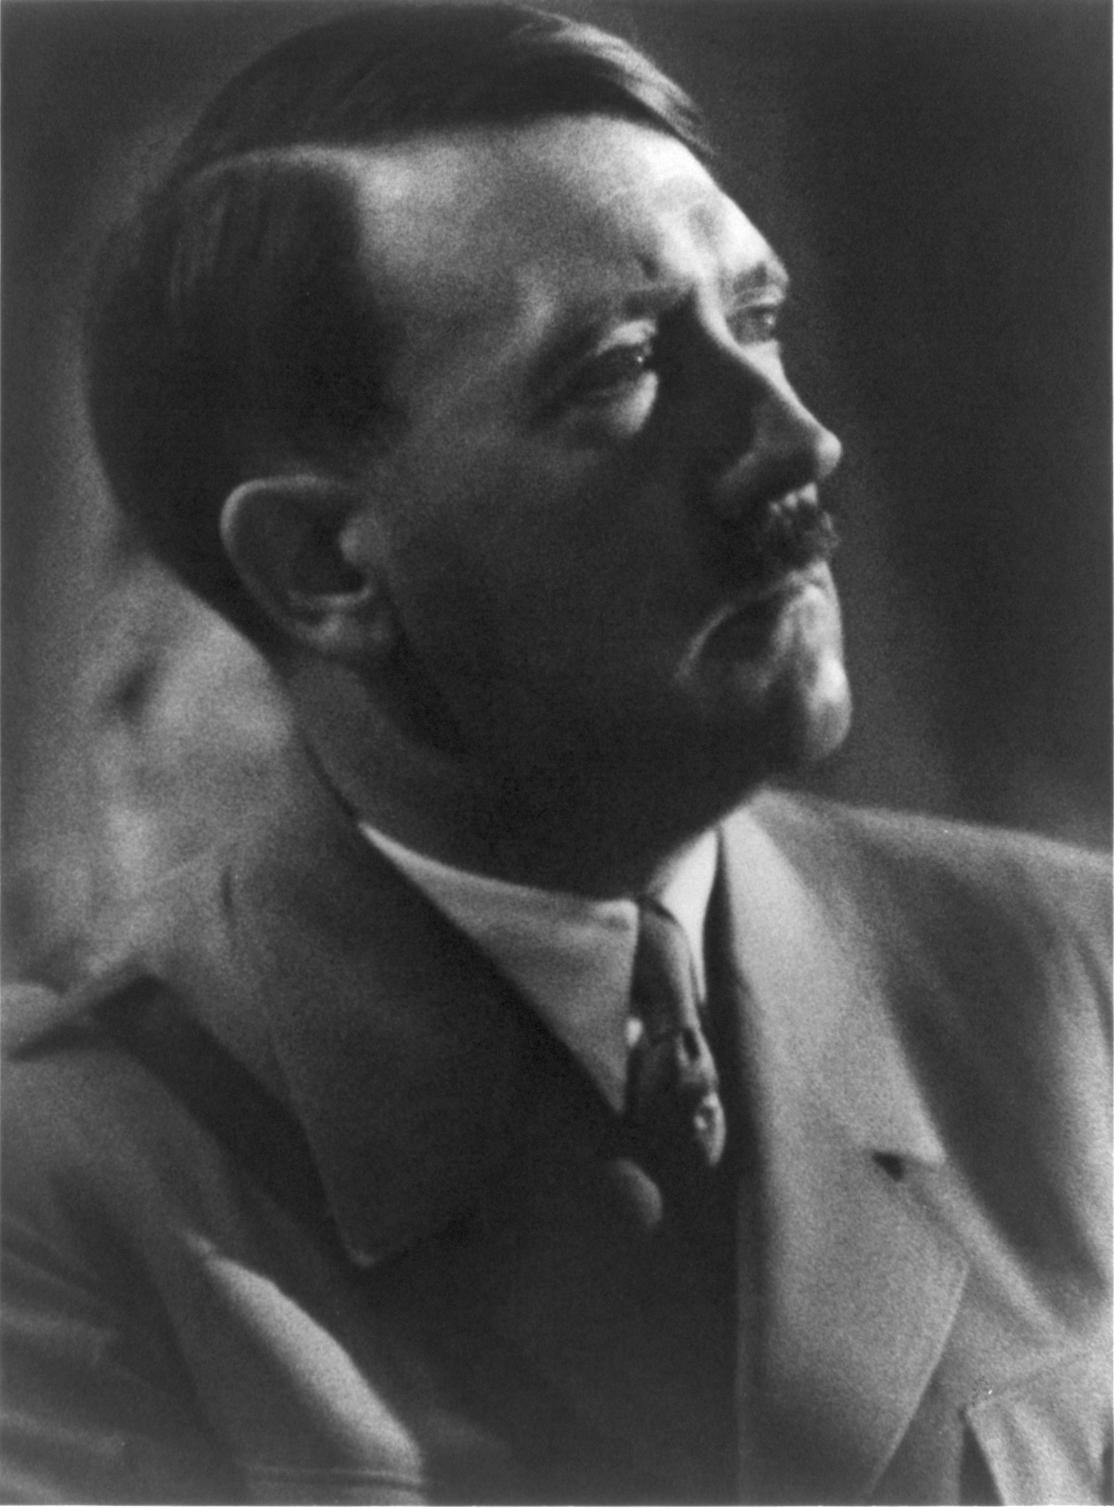 Hitler Hitler